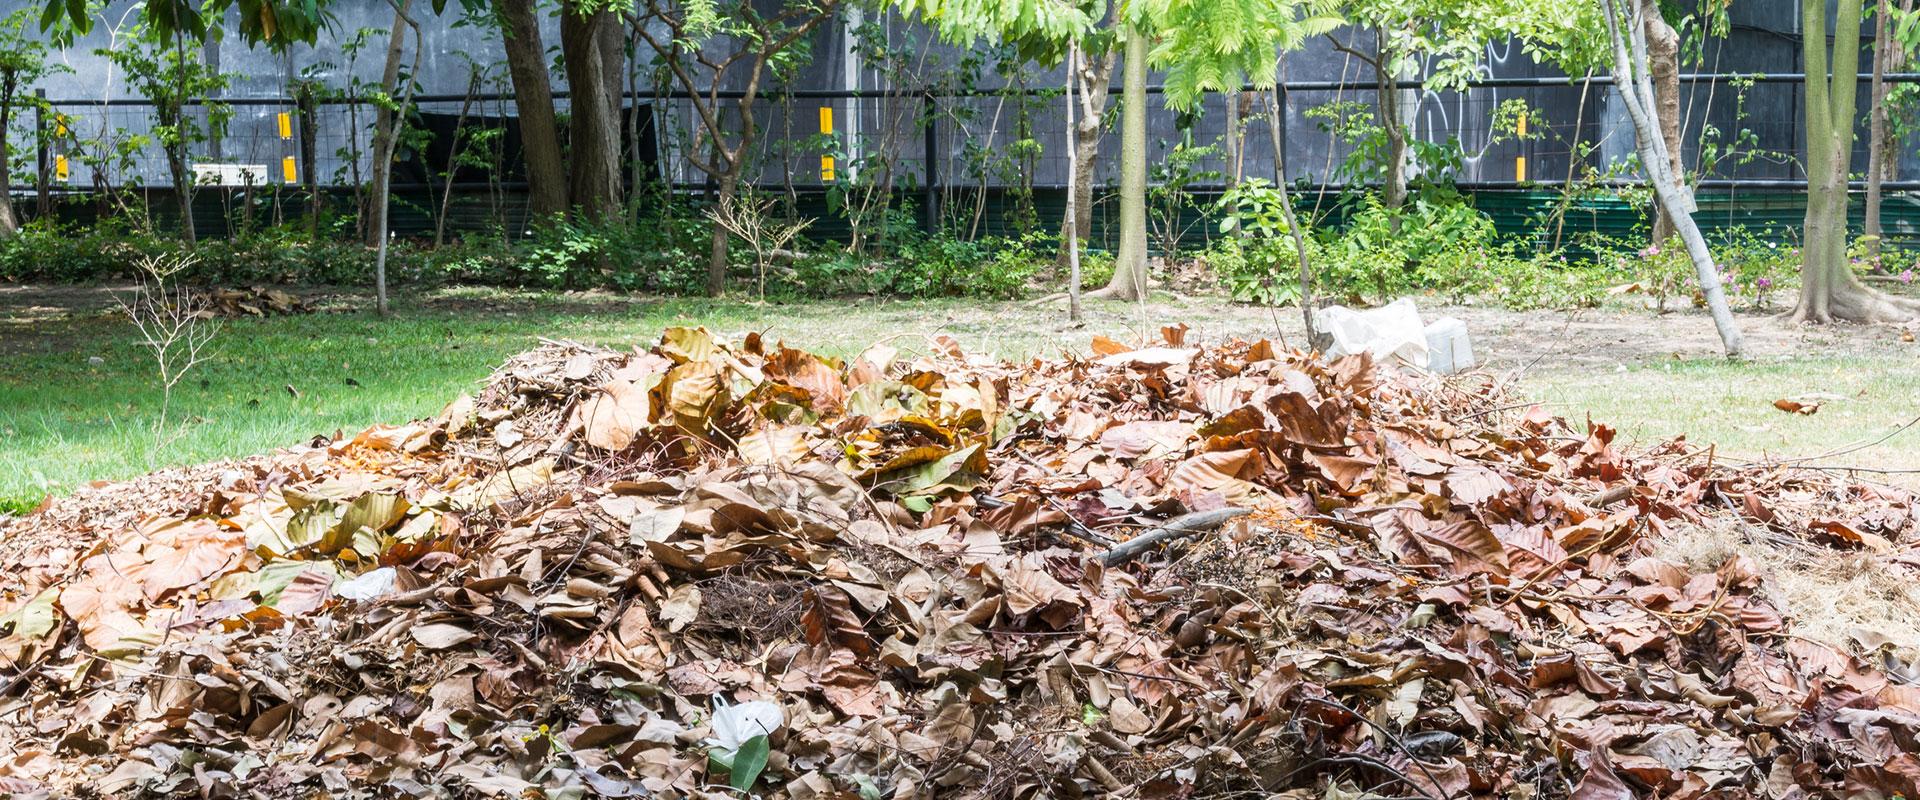 Get rid of your Garden Waste